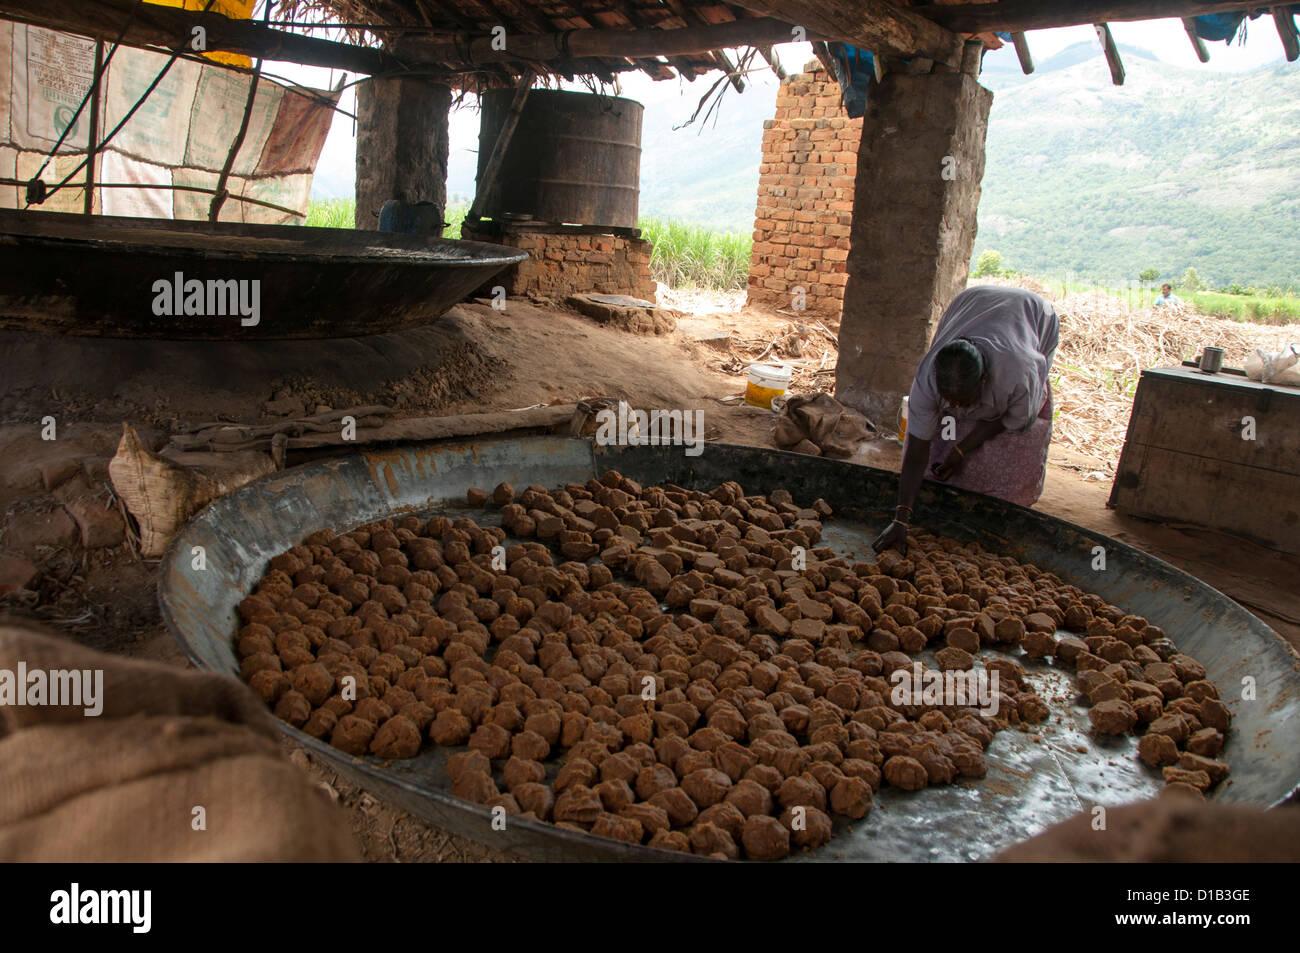 Jaggery India la producción, haciendo que las bolas de jaggery del jugo de la caña de azúcar Imagen De Stock